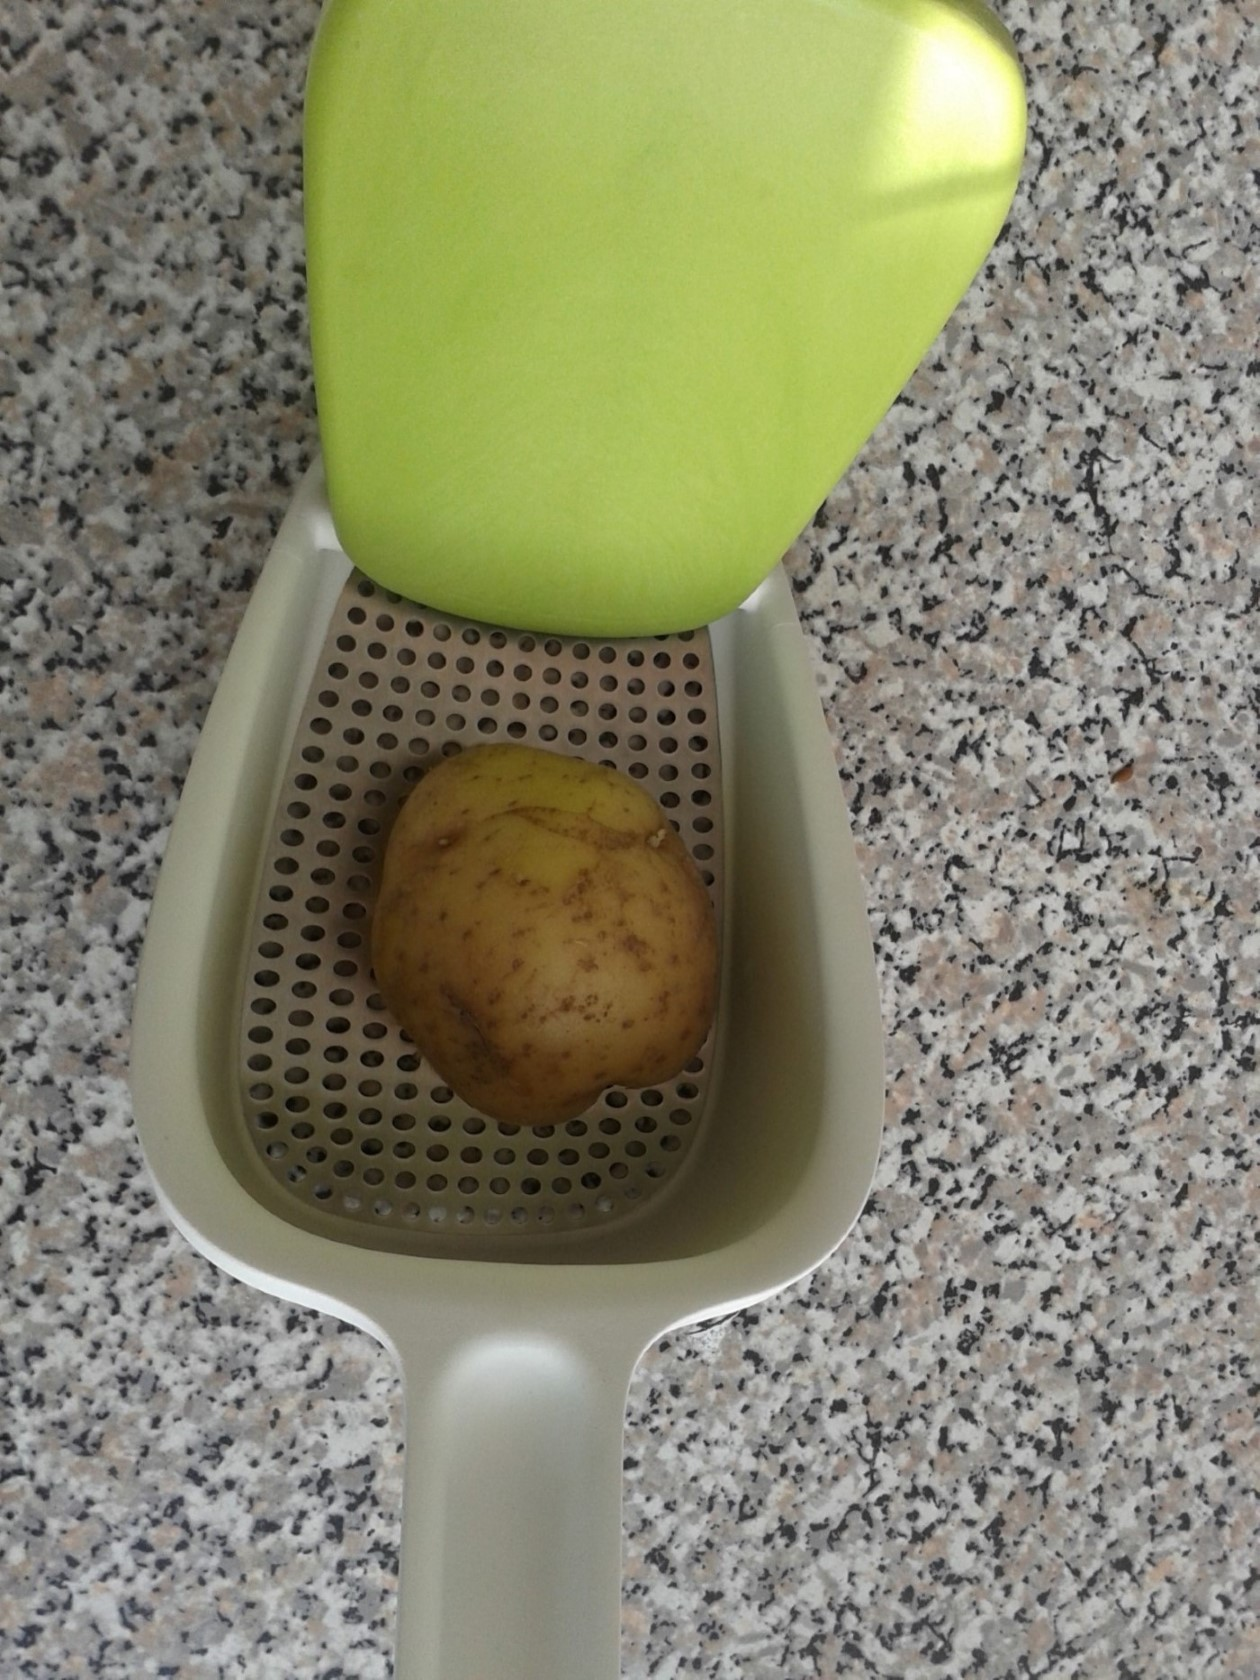 Aardappelpers Review Van Josephjoseph Voor Het Maken Puree Verschil Koekenpan Of Airfryer